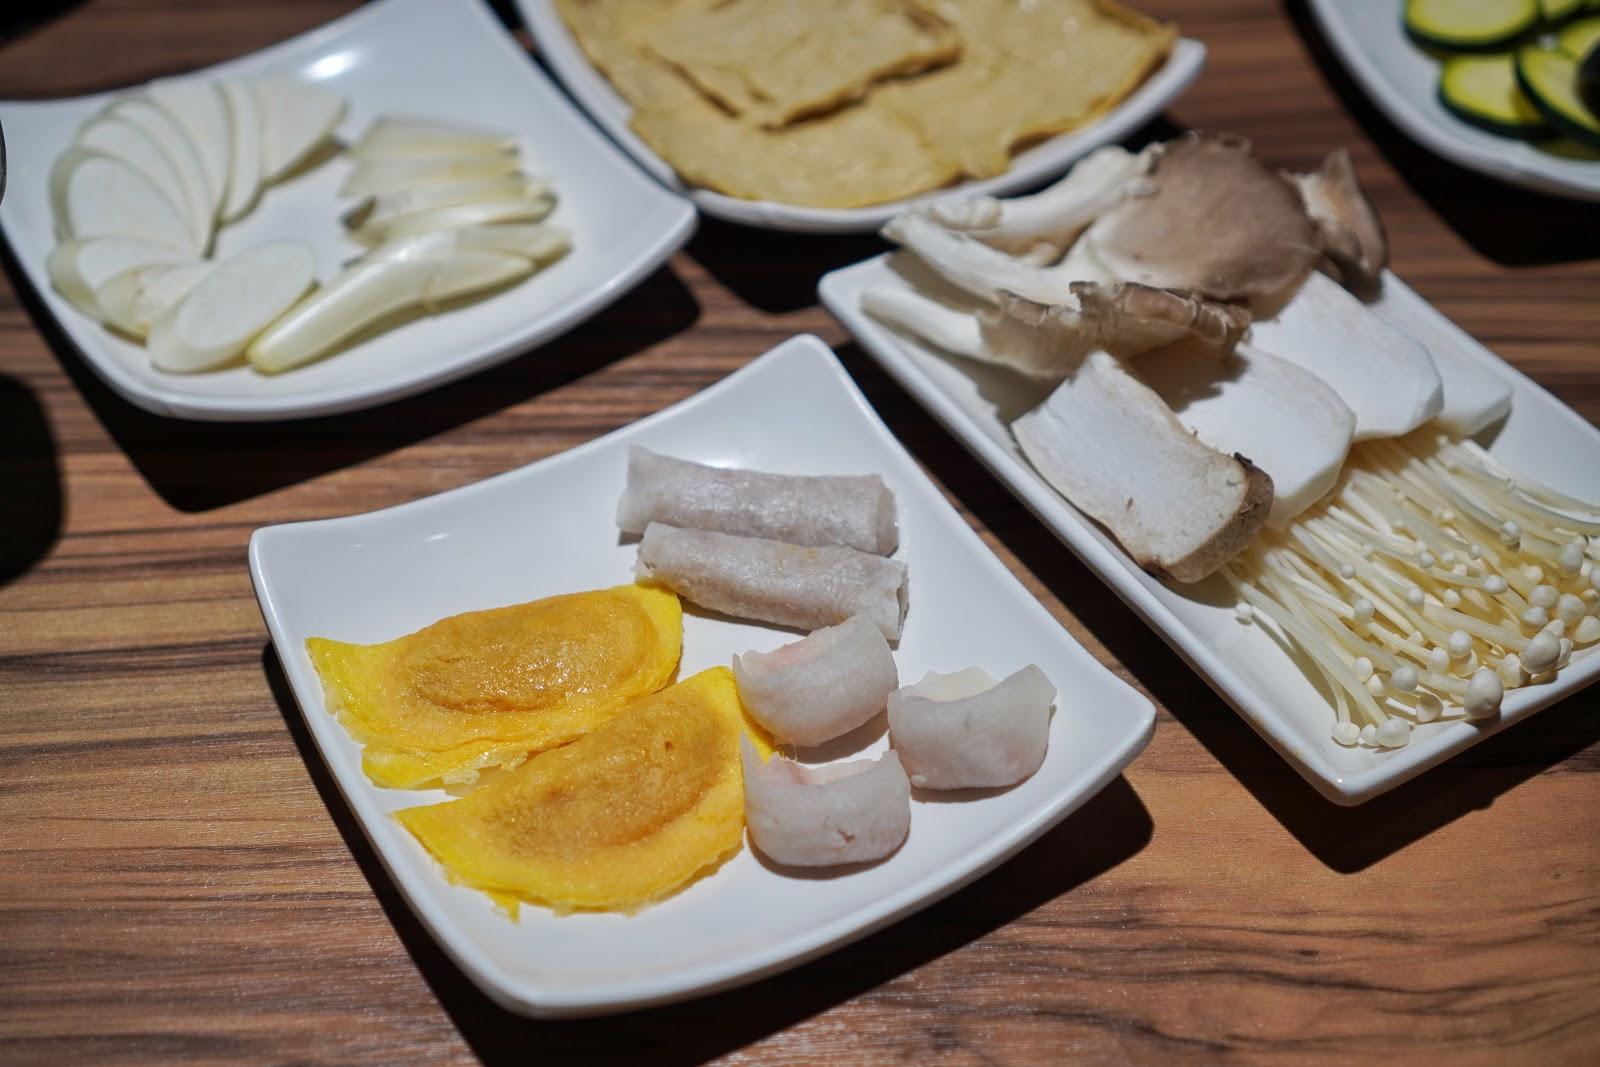 台南東區美食【就愛這鍋 麻辣鍋】就愛餃拼盤、就愛菇拼排